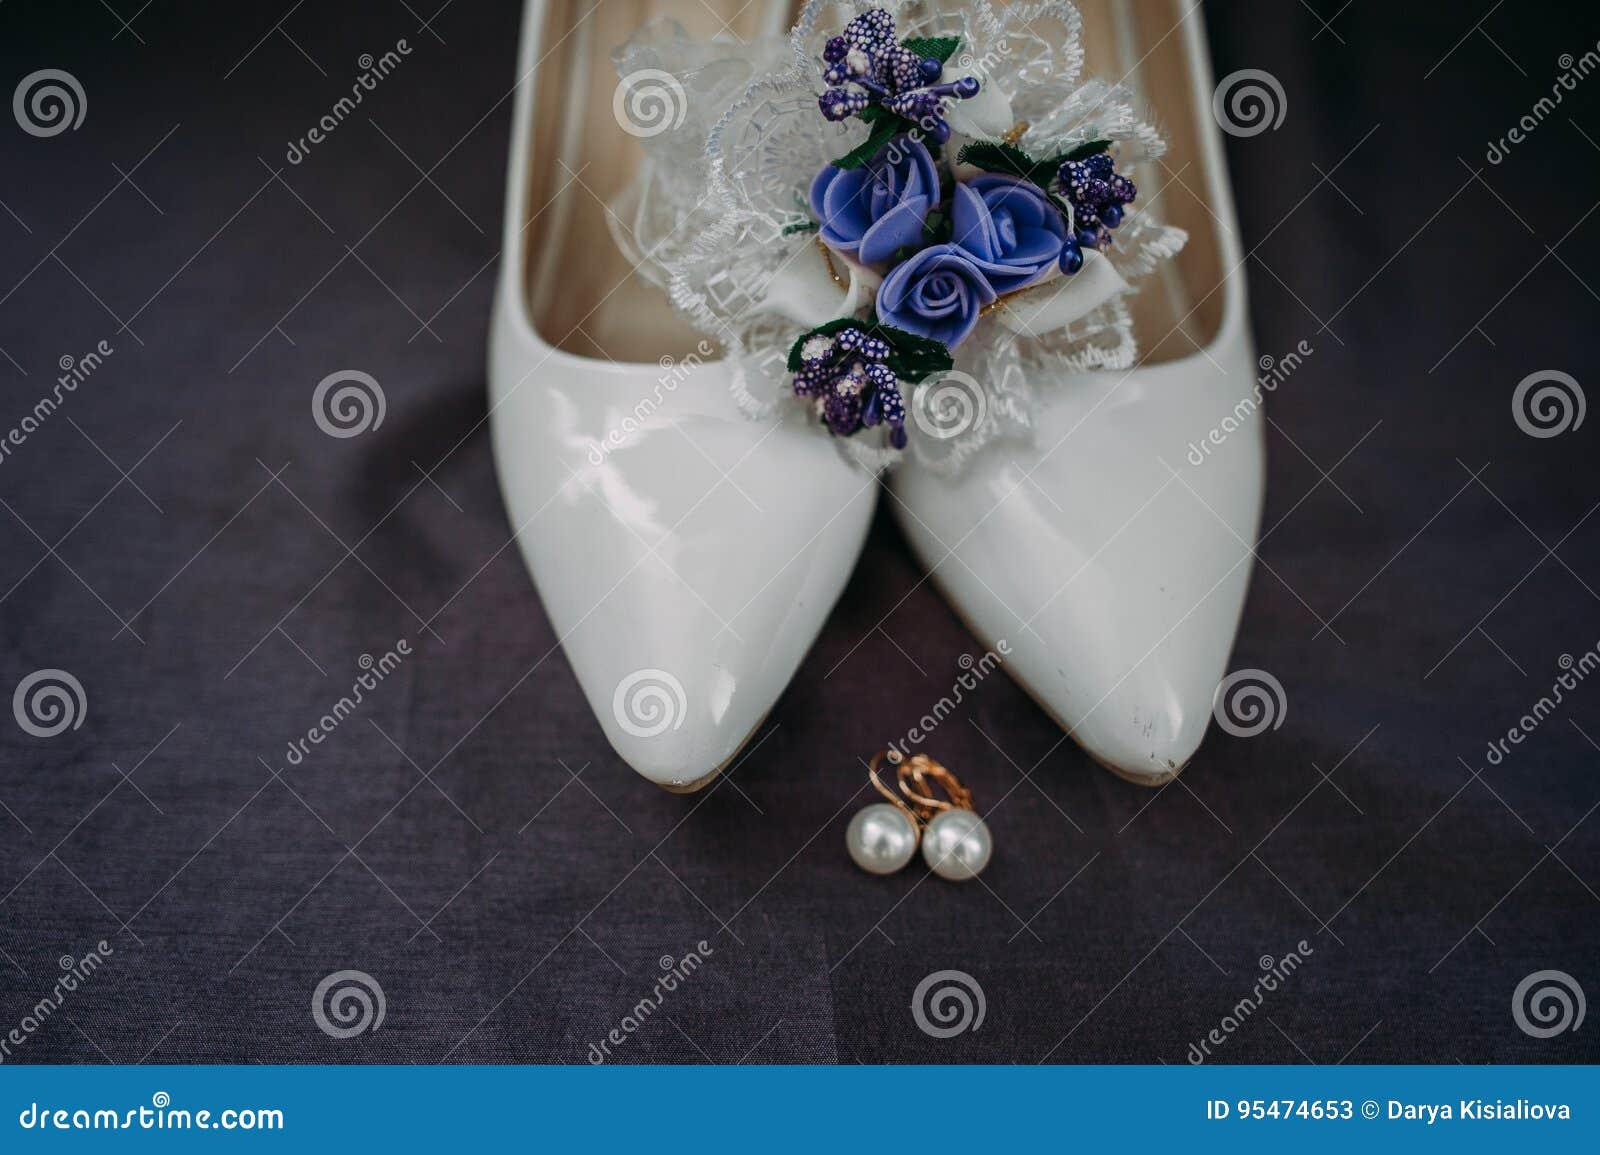 Εξαρτήματα νυφών: μπλούζα δαντελλών, garter, επίπεδα μπαλέτου, ψηλοτάκουνα παπούτσια